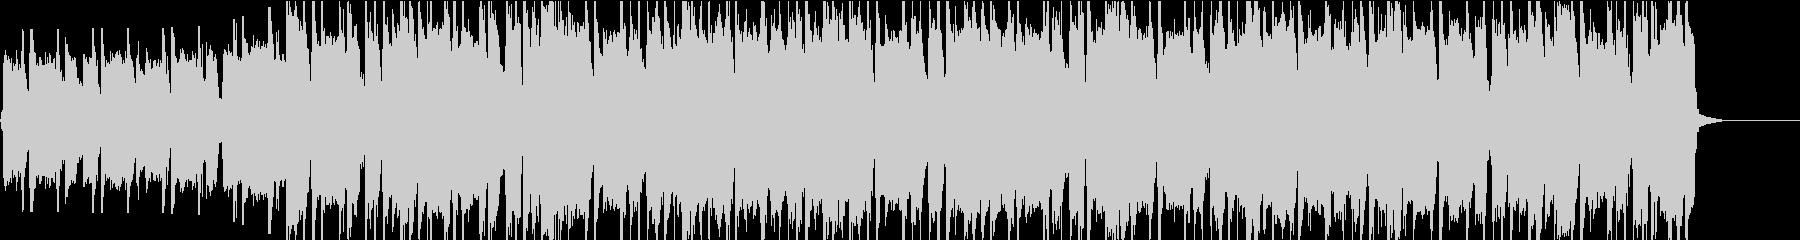 ポップなエレキギターオープニング・リフ2の未再生の波形